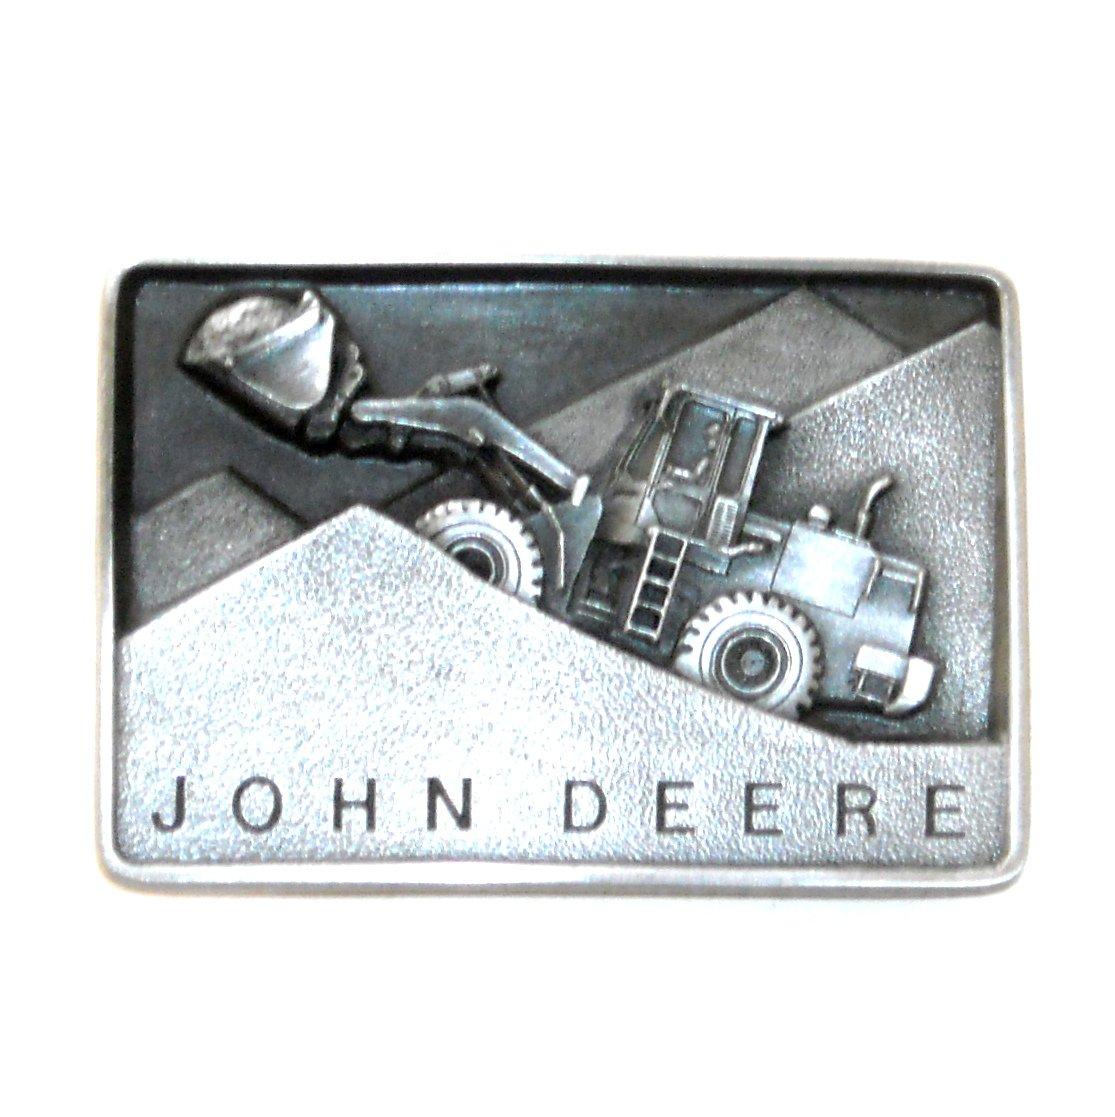 Heavy Equipment John Deere 3D 1988 Belt Buckle